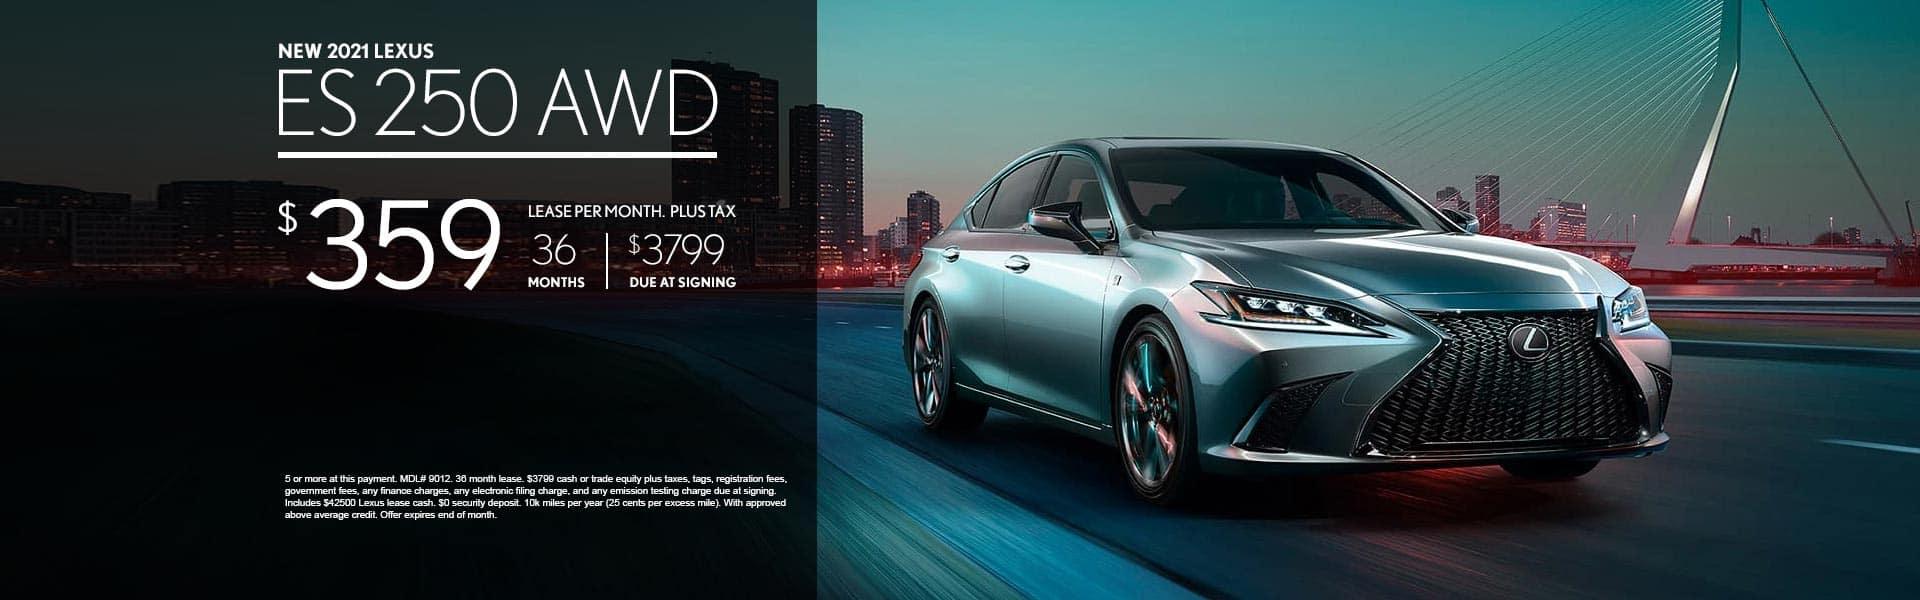 2021_Lexus_ES_250_AWD